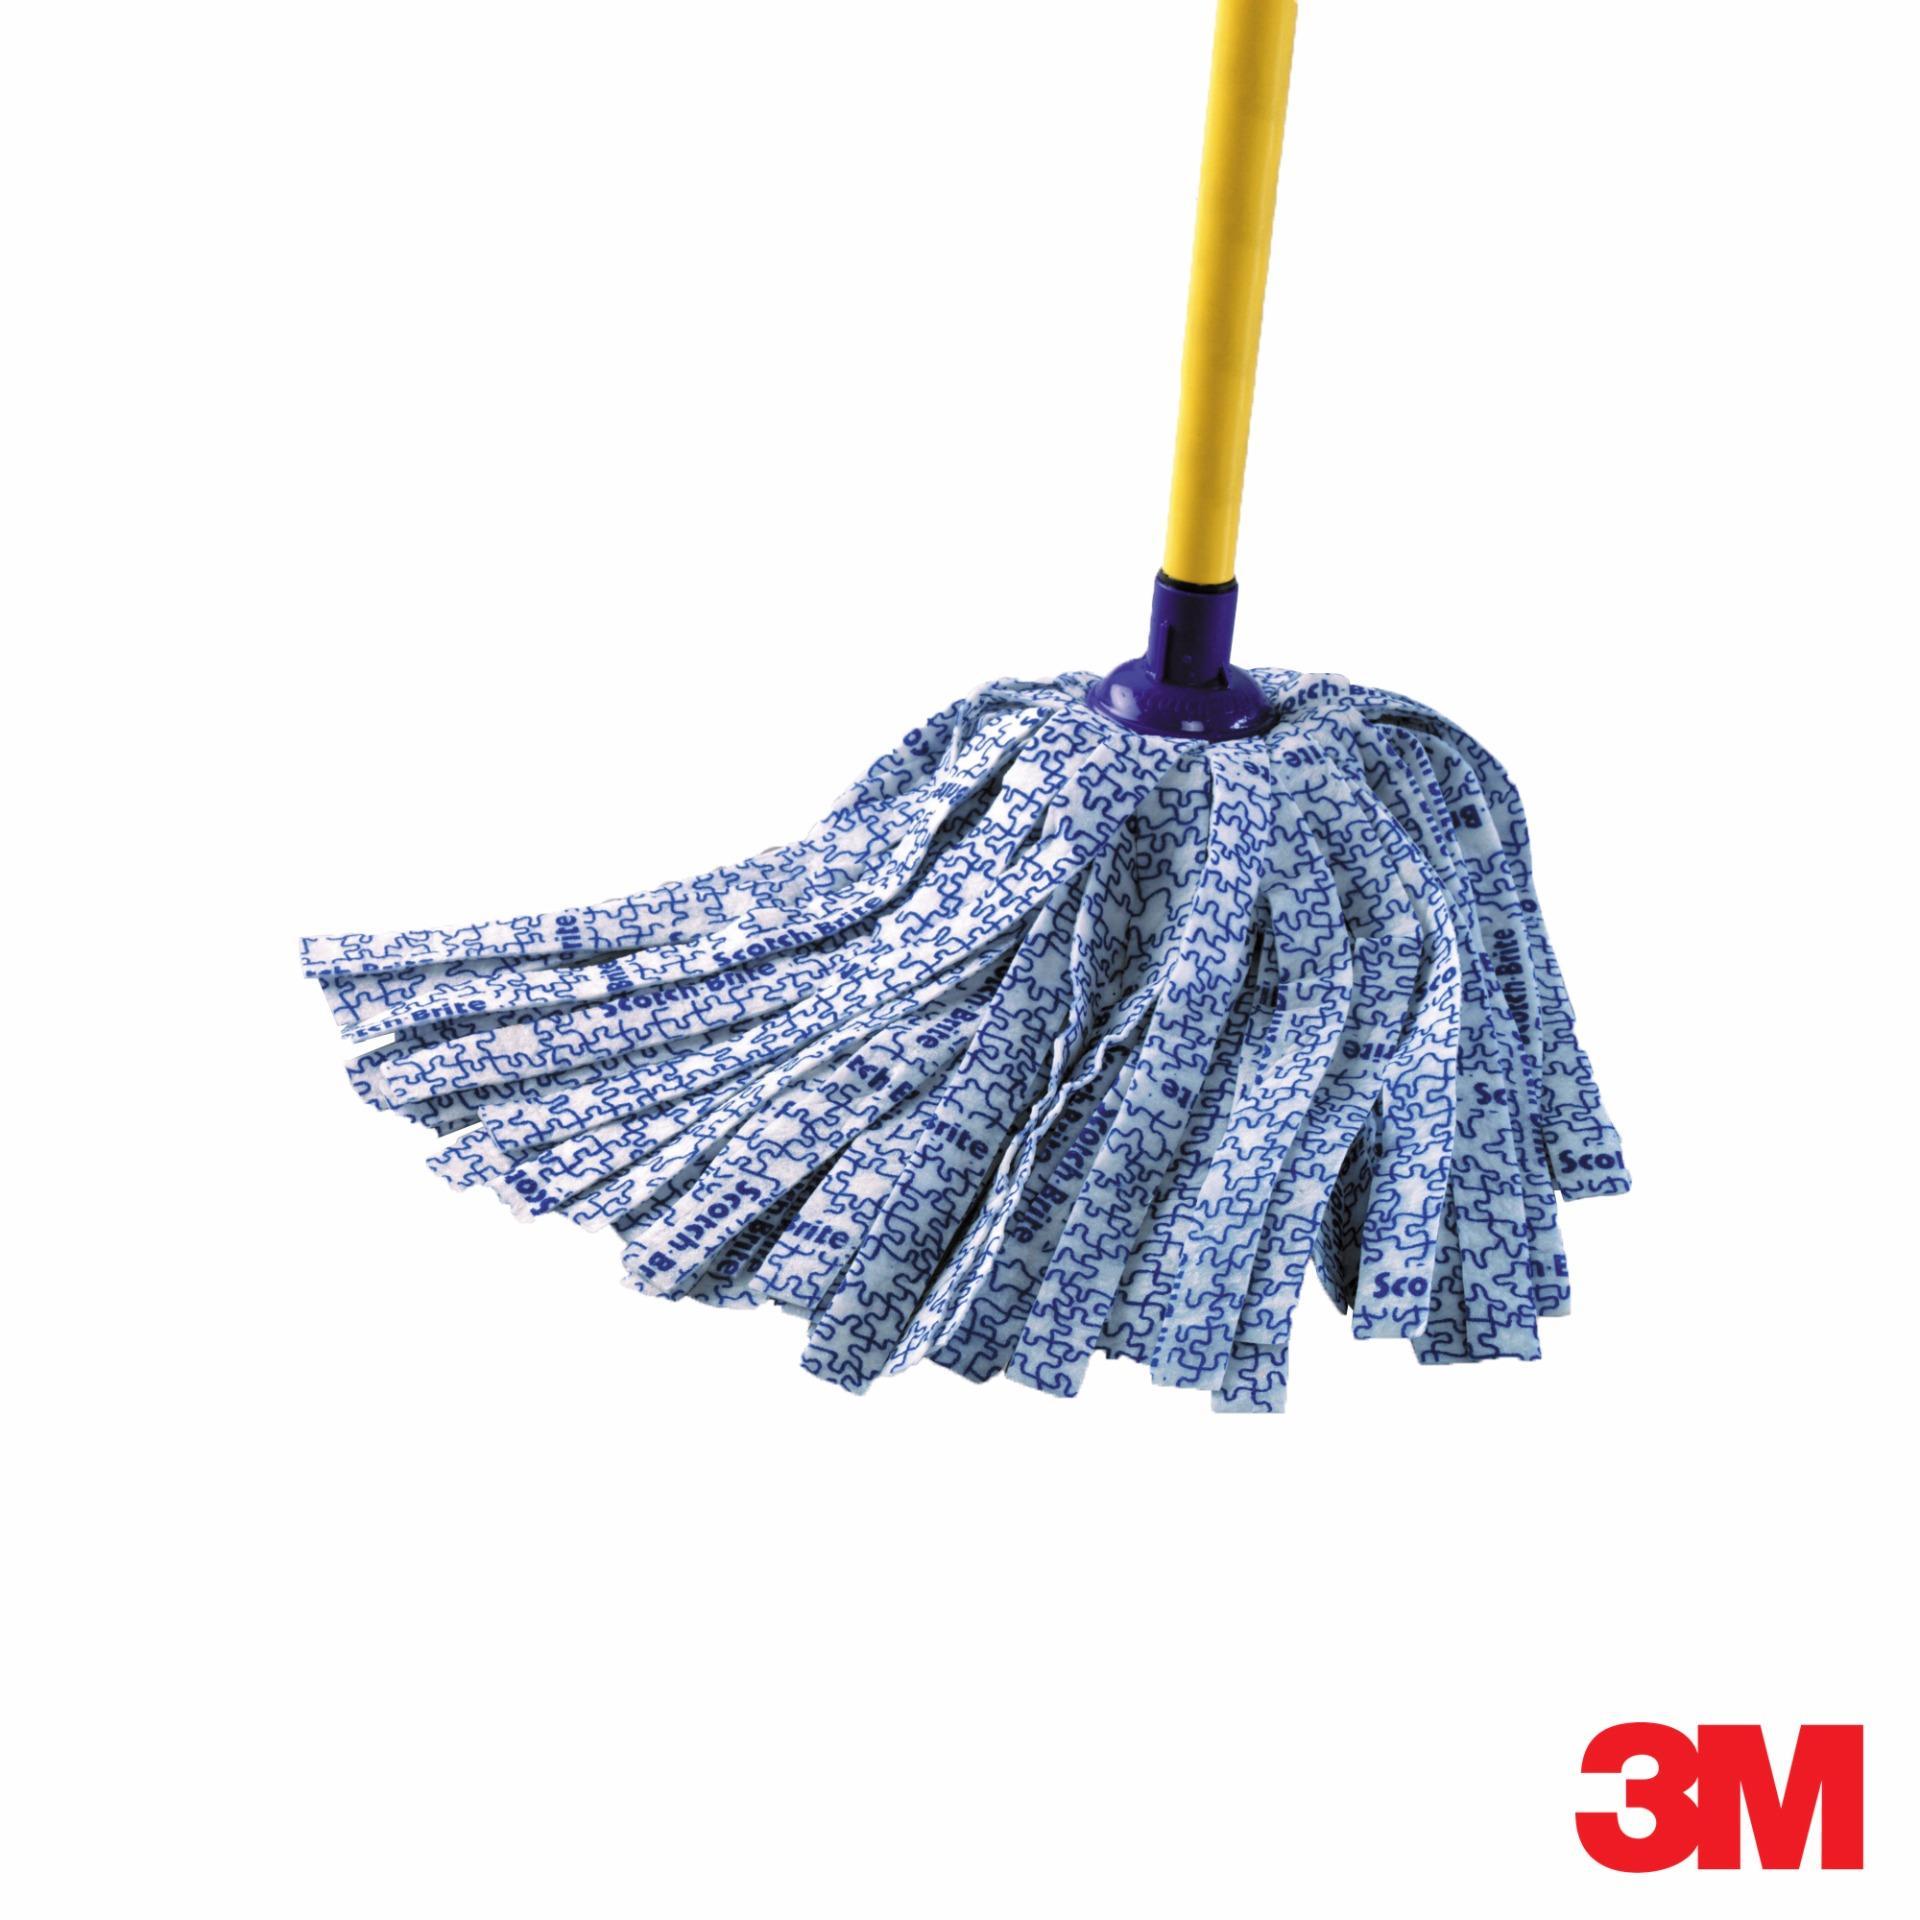 3M Scotch-Brite Tough Cleaning Mop Set